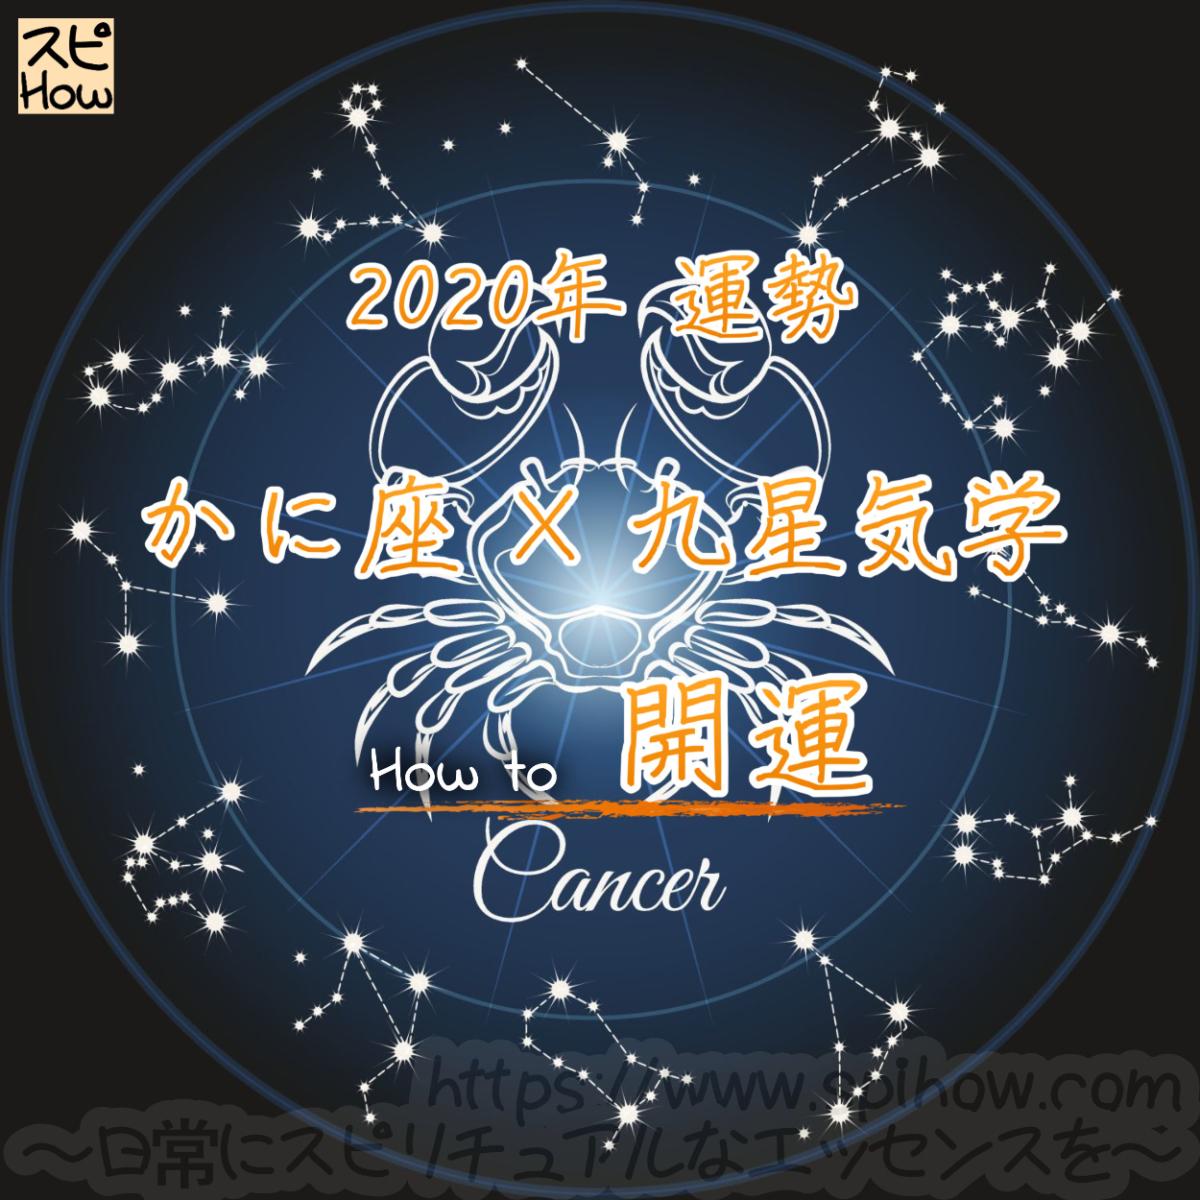 【かに座×九星気学】2020年の運勢を星占いと九星気学で知る方法のアイキャッチ画像